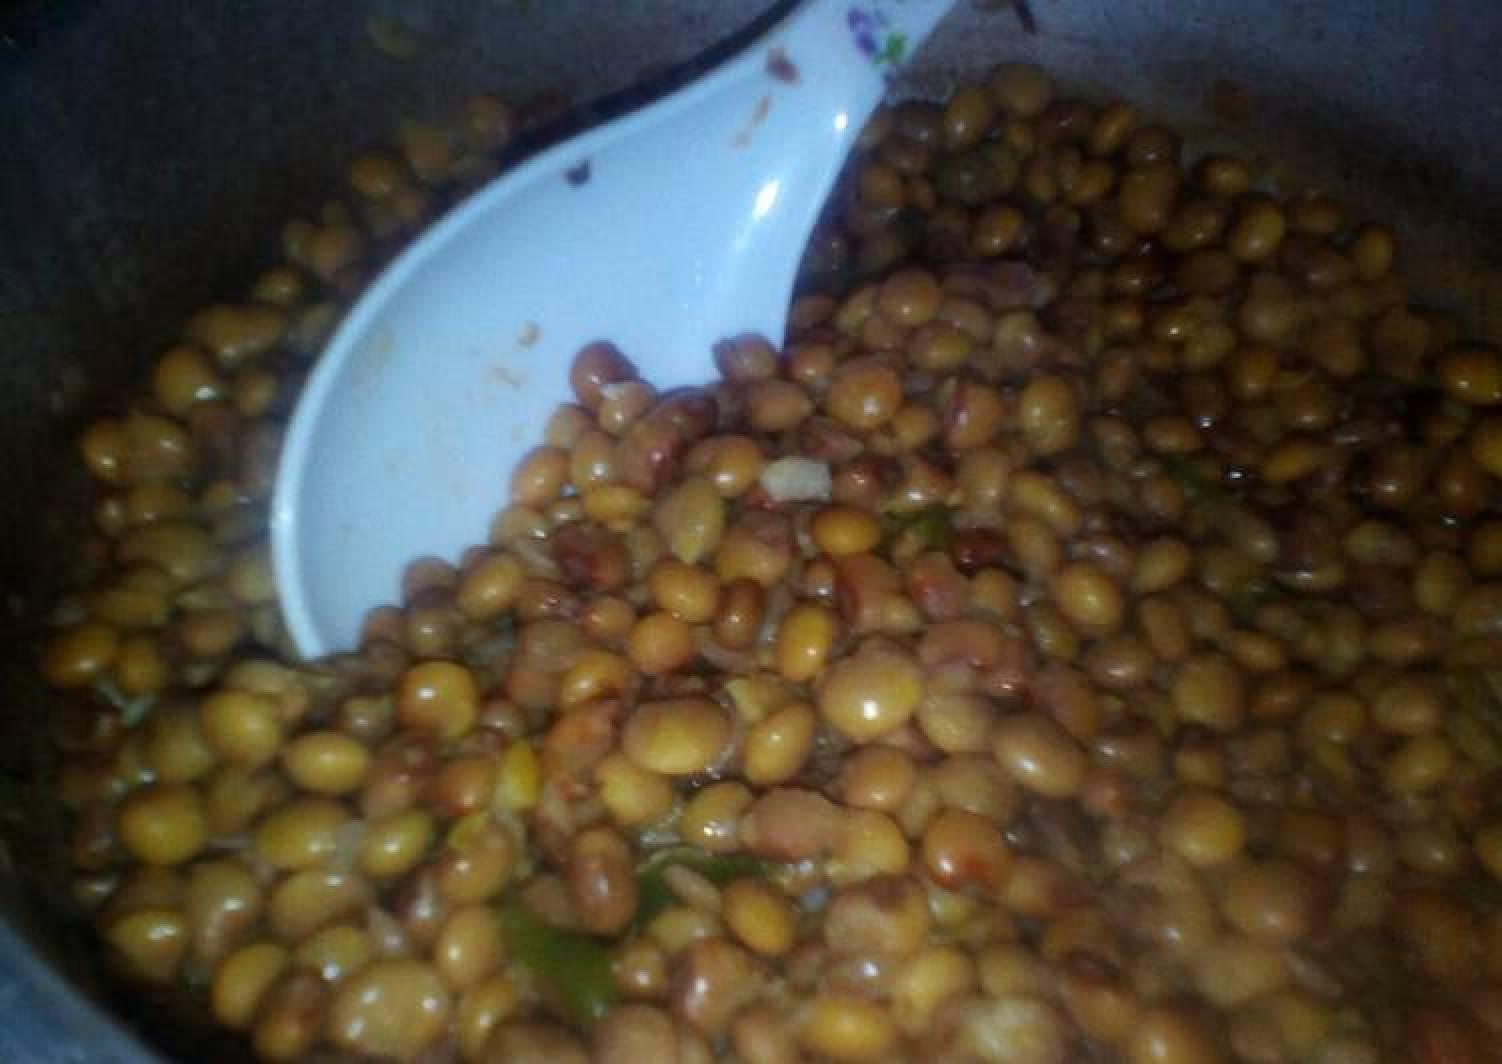 Peas #cereals week#theme challenge